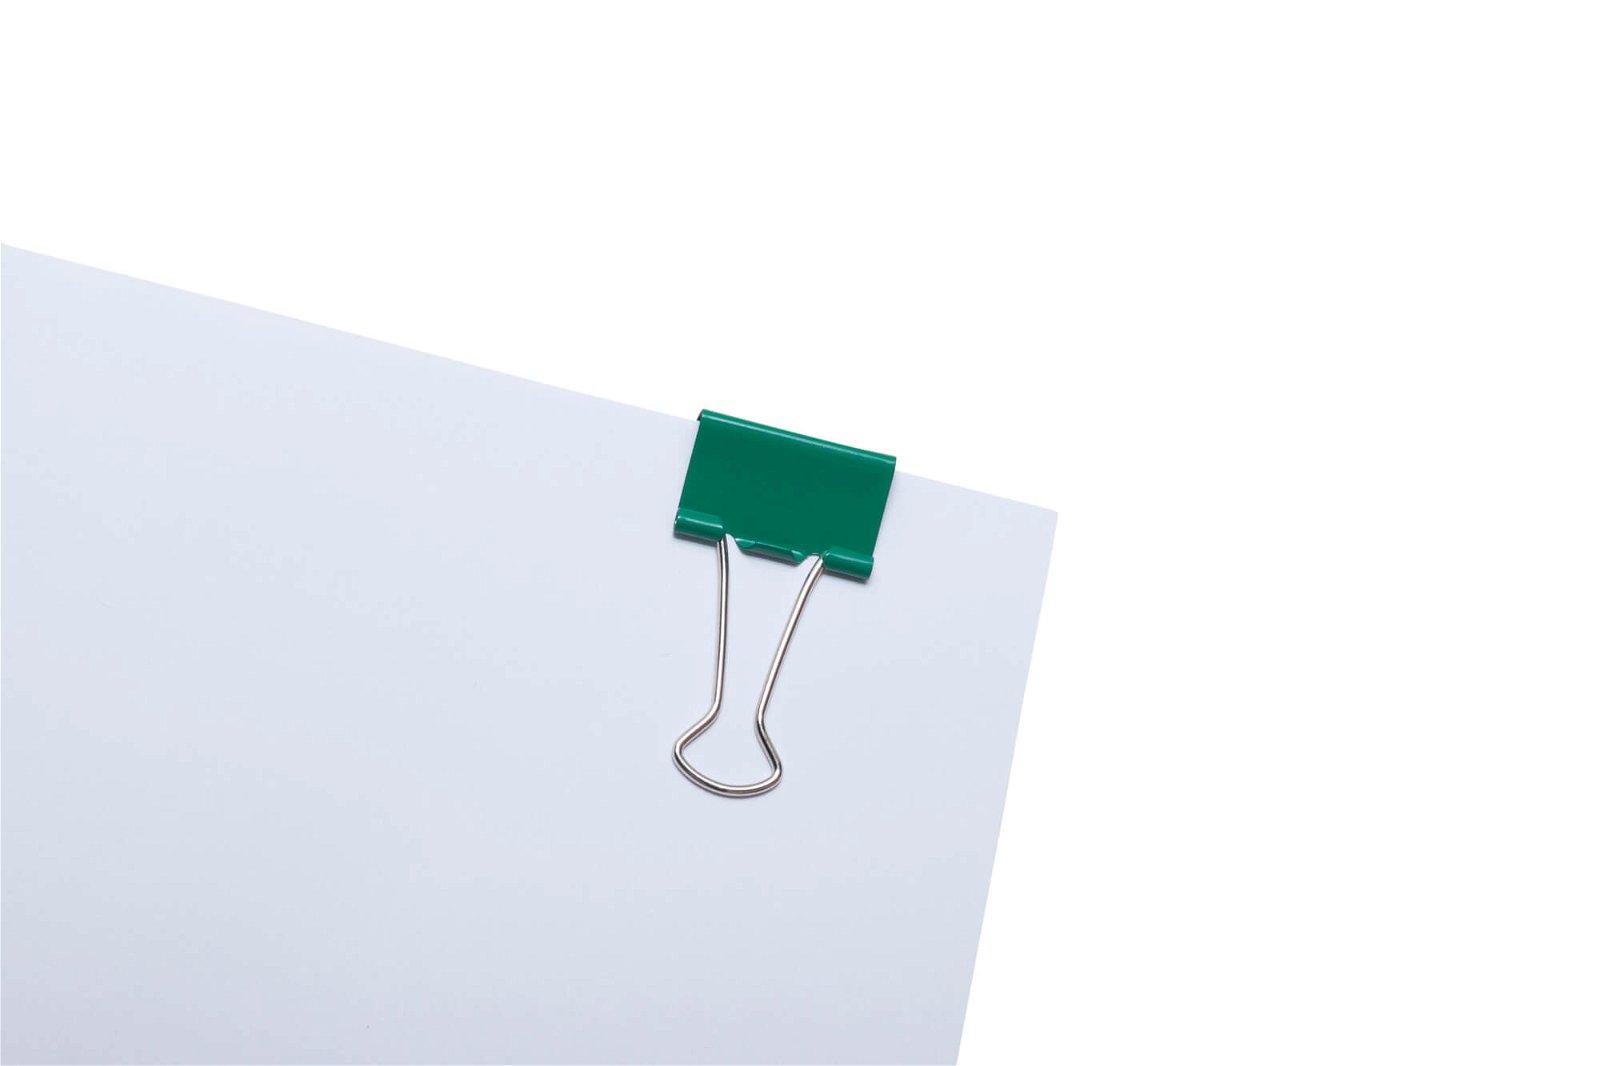 mauly 215, Breite 25 mm, 12 St./Btl., farbig sortiert